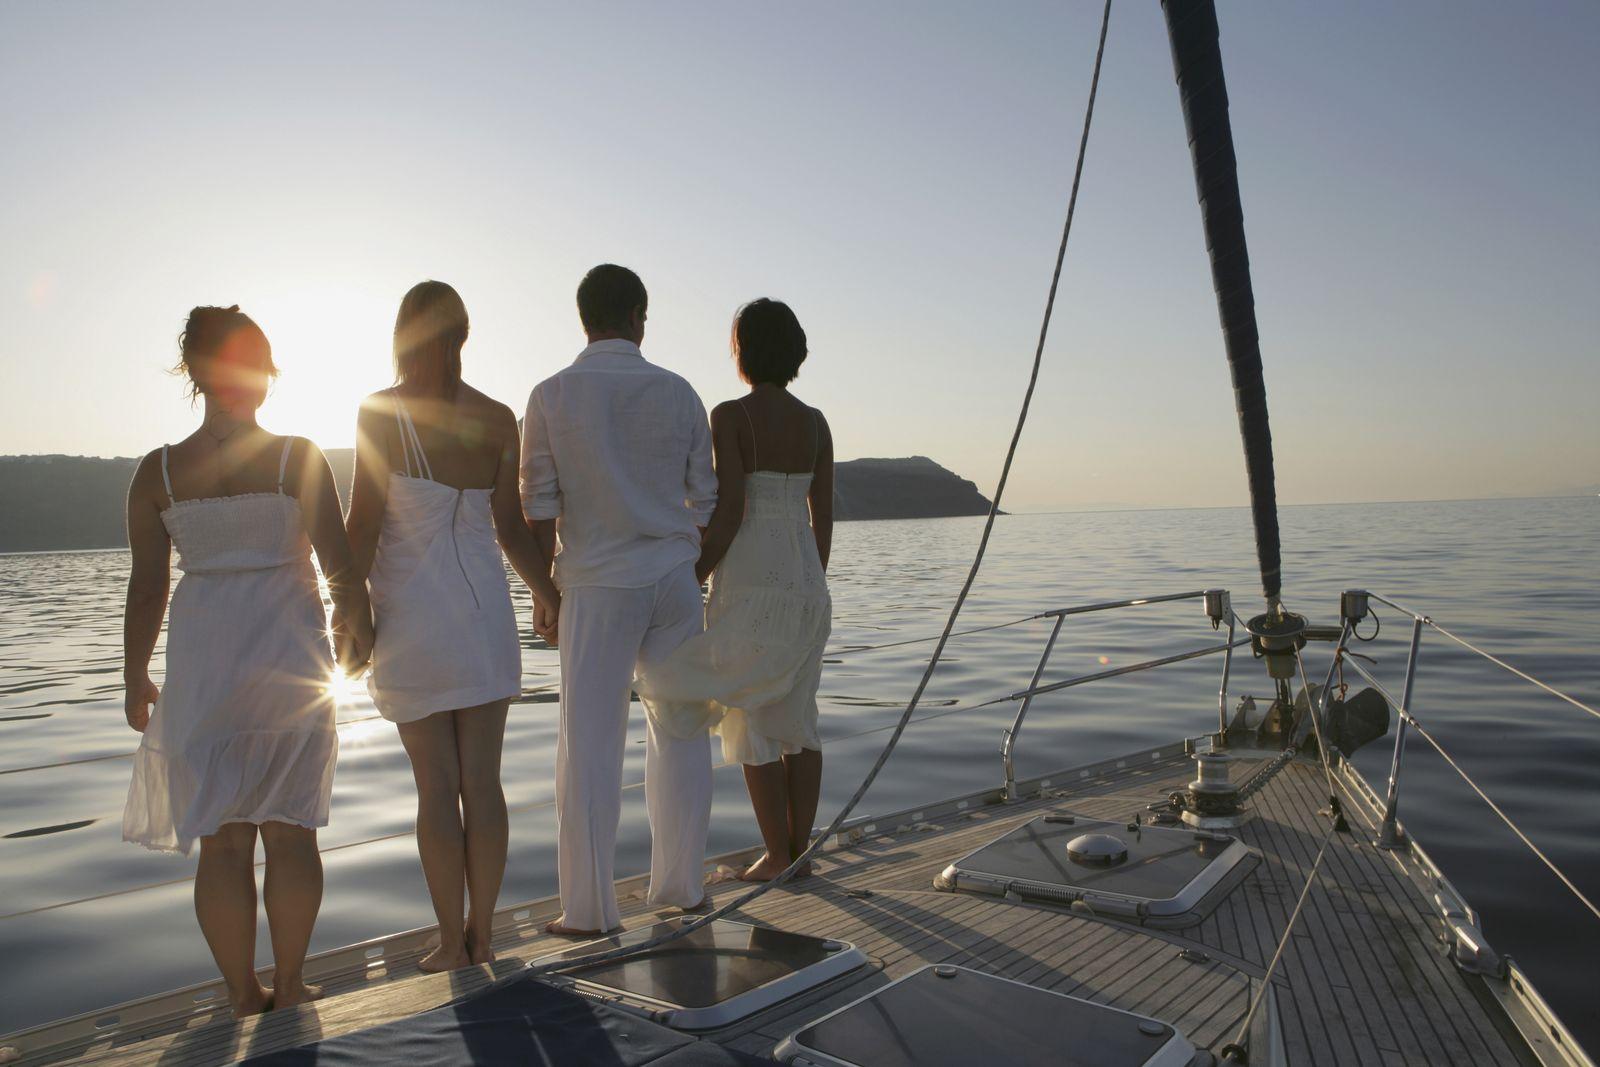 NICHT MEHR VERWENDEN! - SYMBOLBILD Yacht/ Griechenland